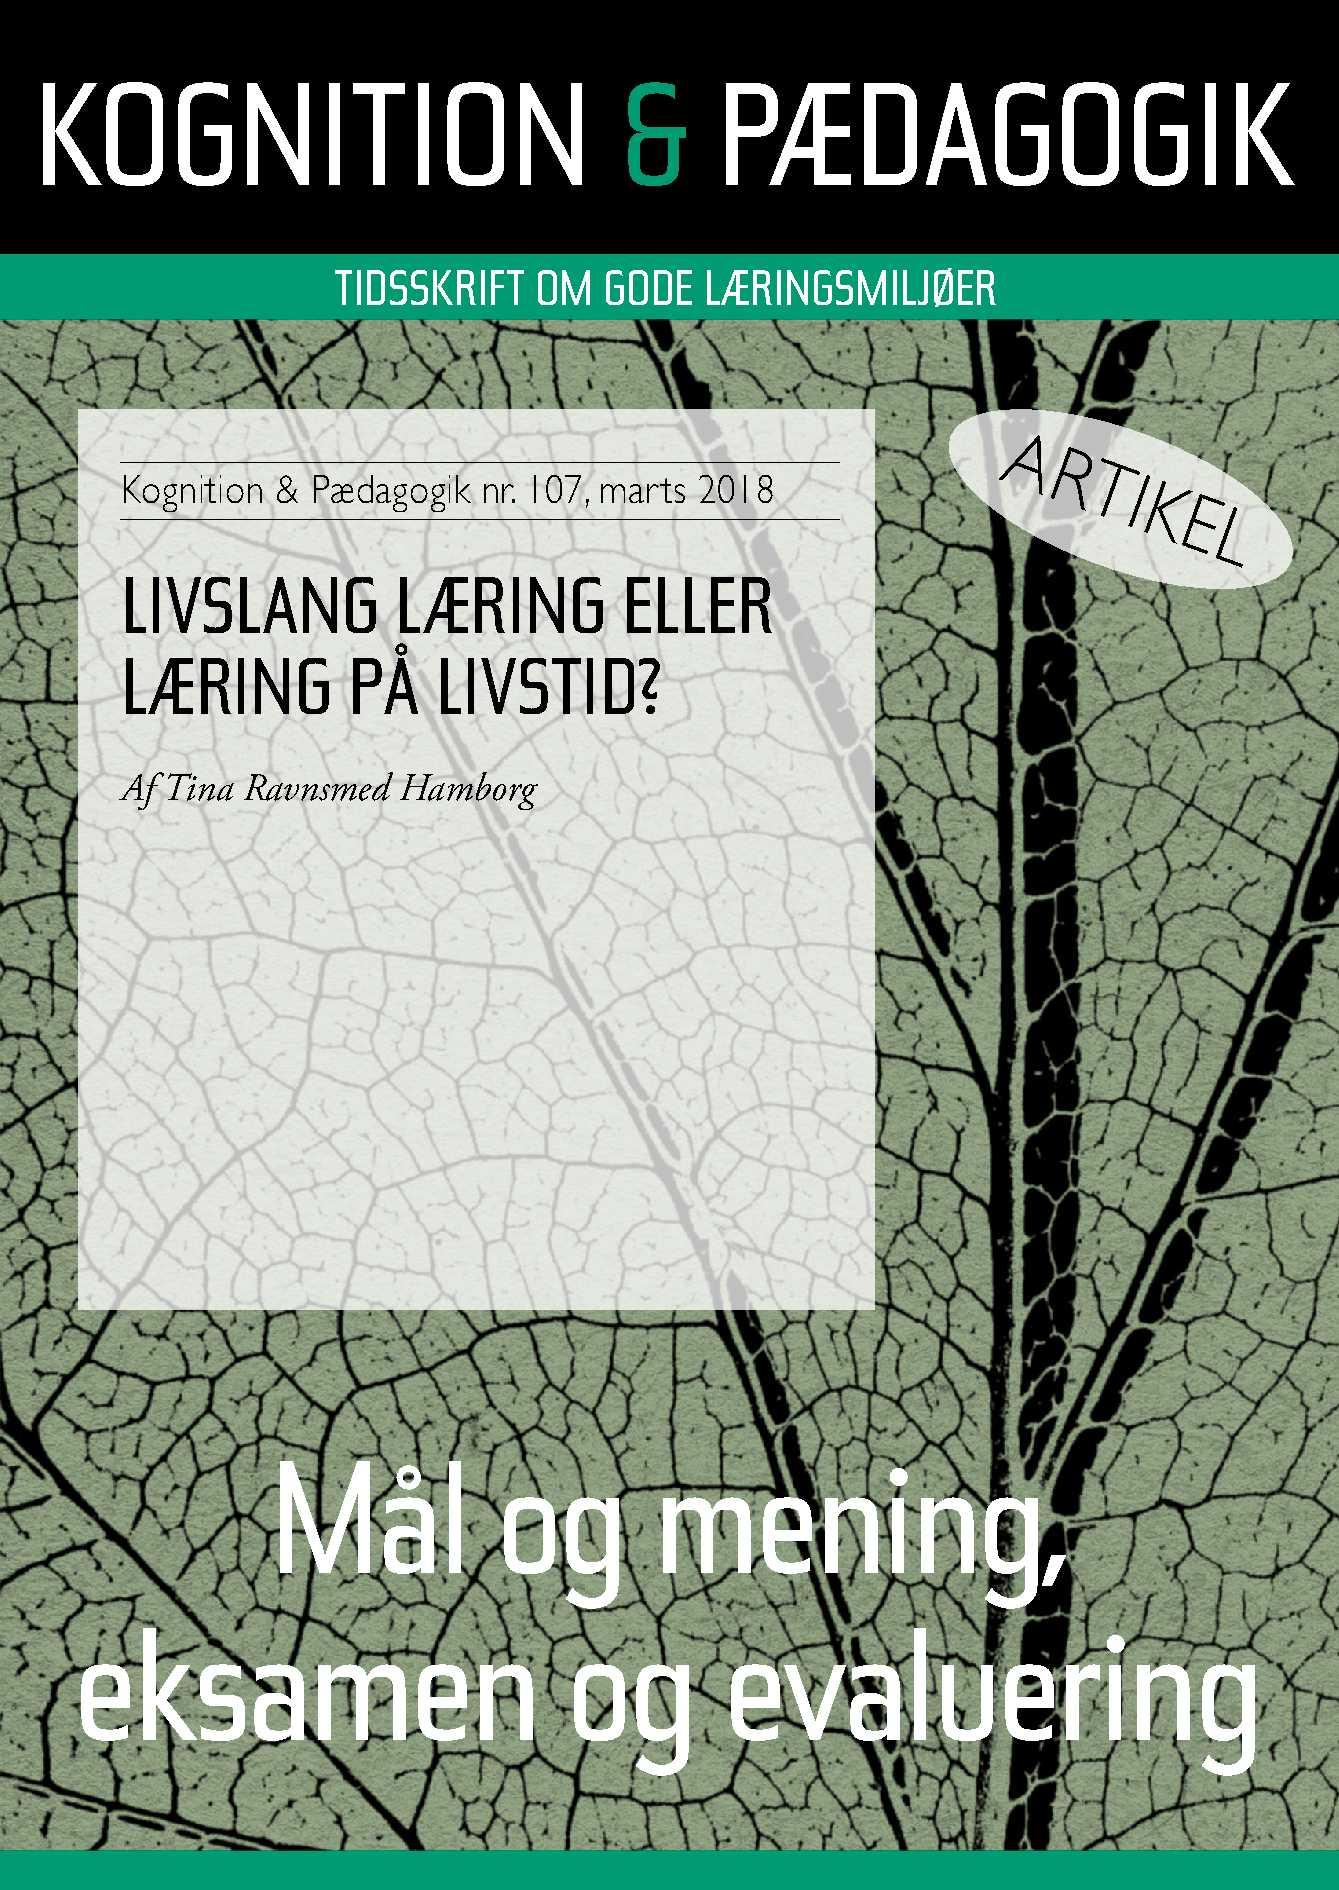 Livslang læring eller læring på livstid? - E-bog